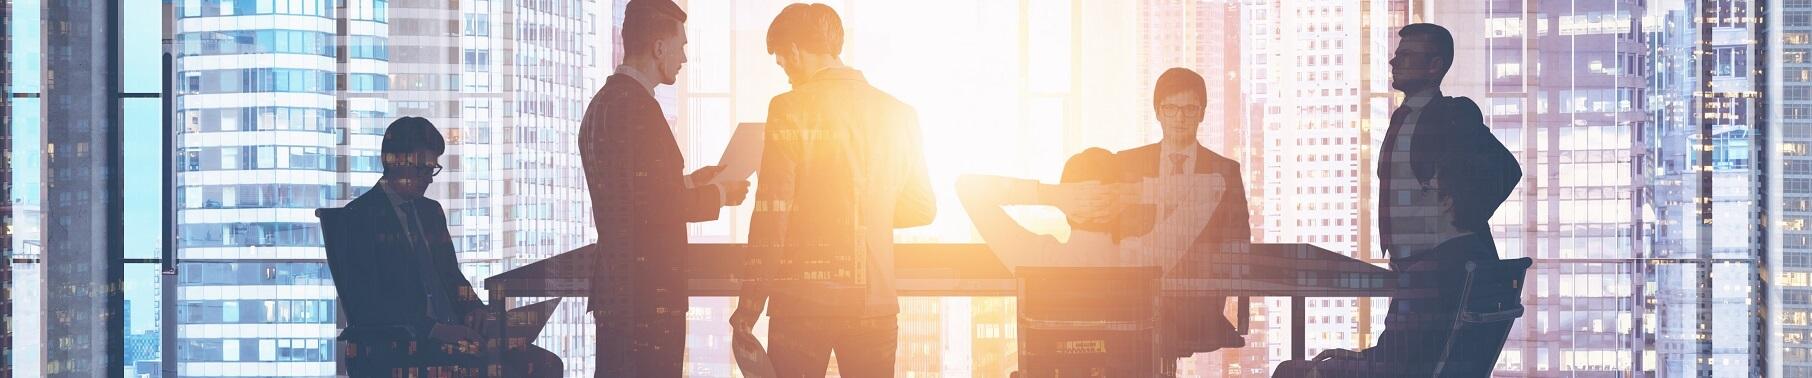 讓視覺化與即時性的專利資產評估,成為新創投資併購的關鍵